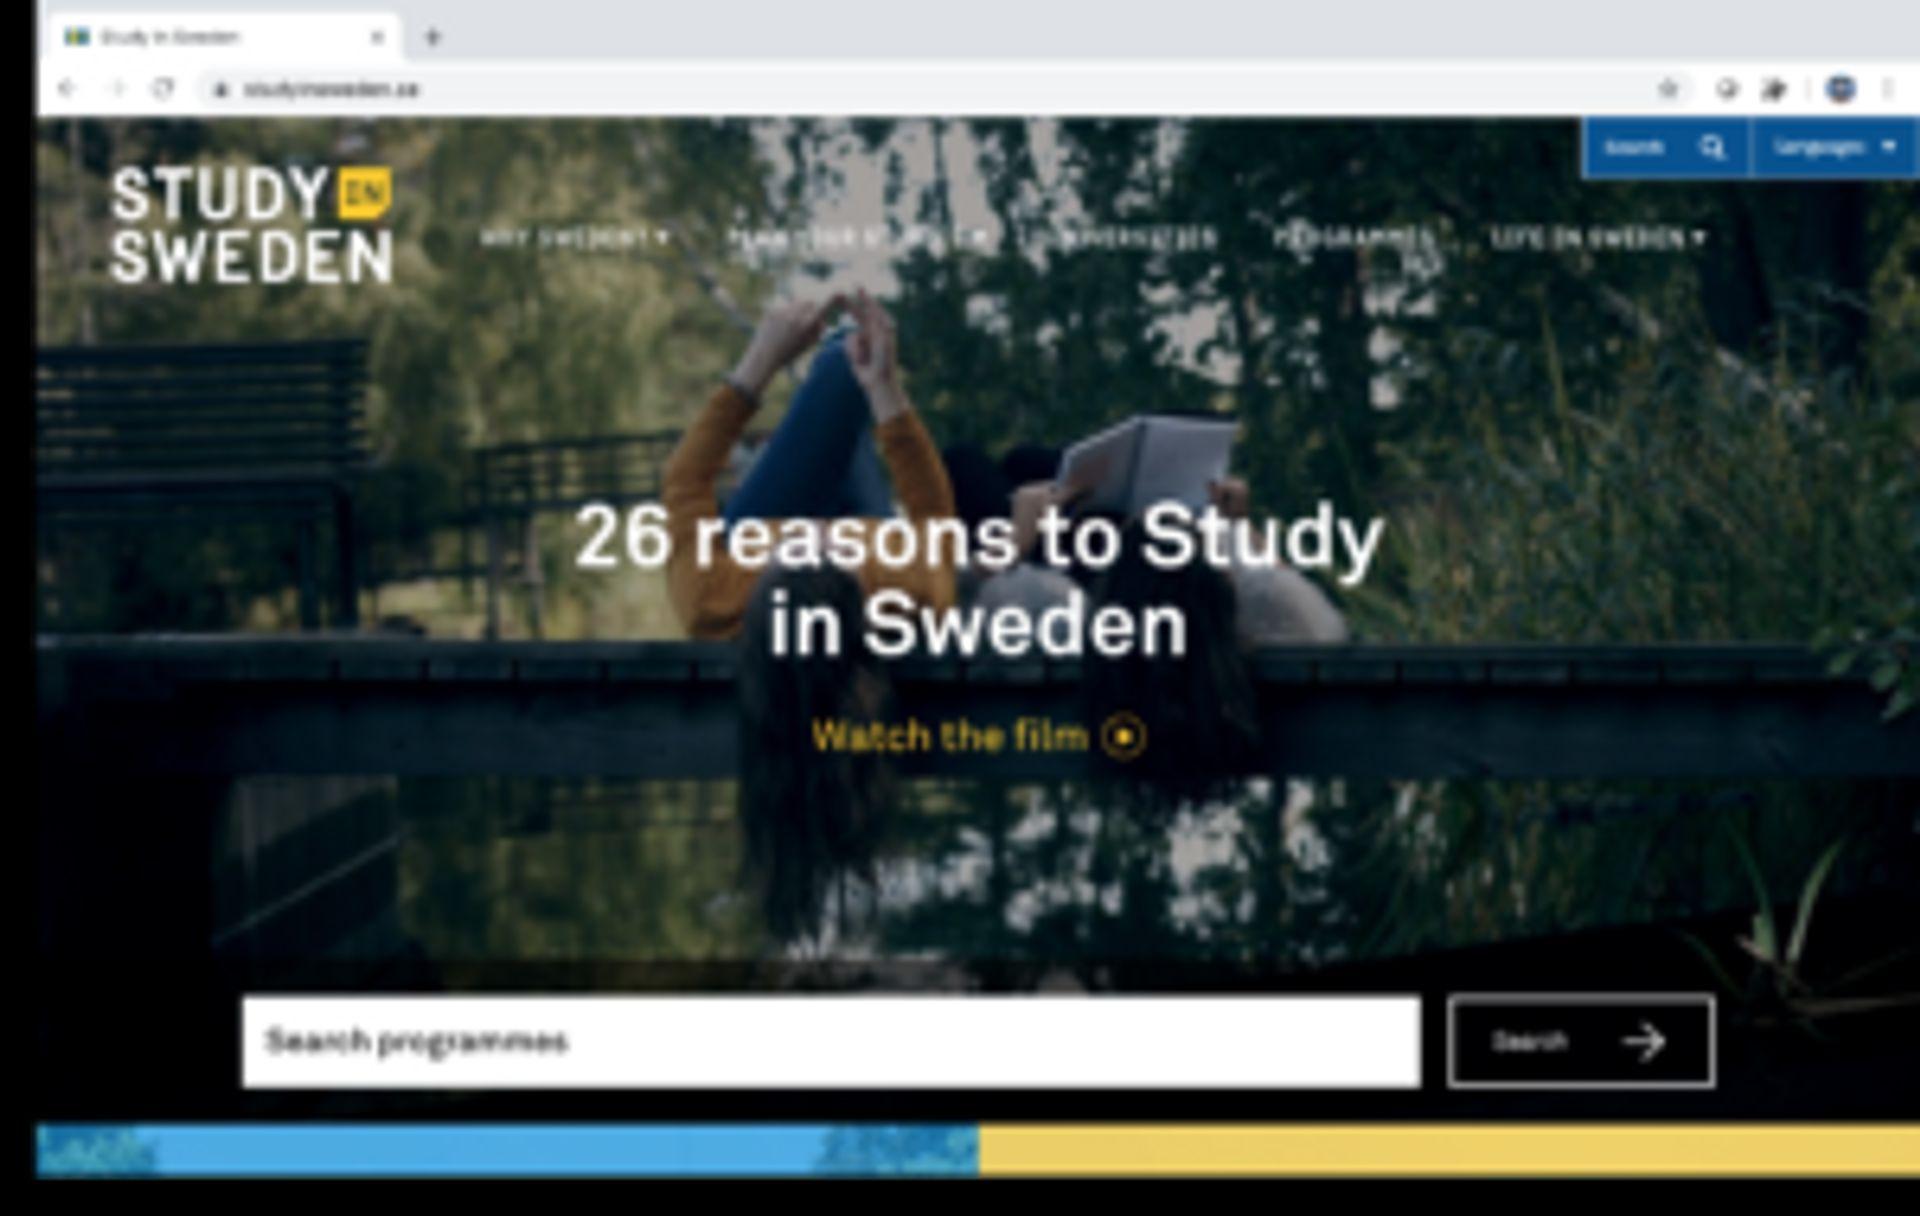 Screenshot of the Study in Sweden website.